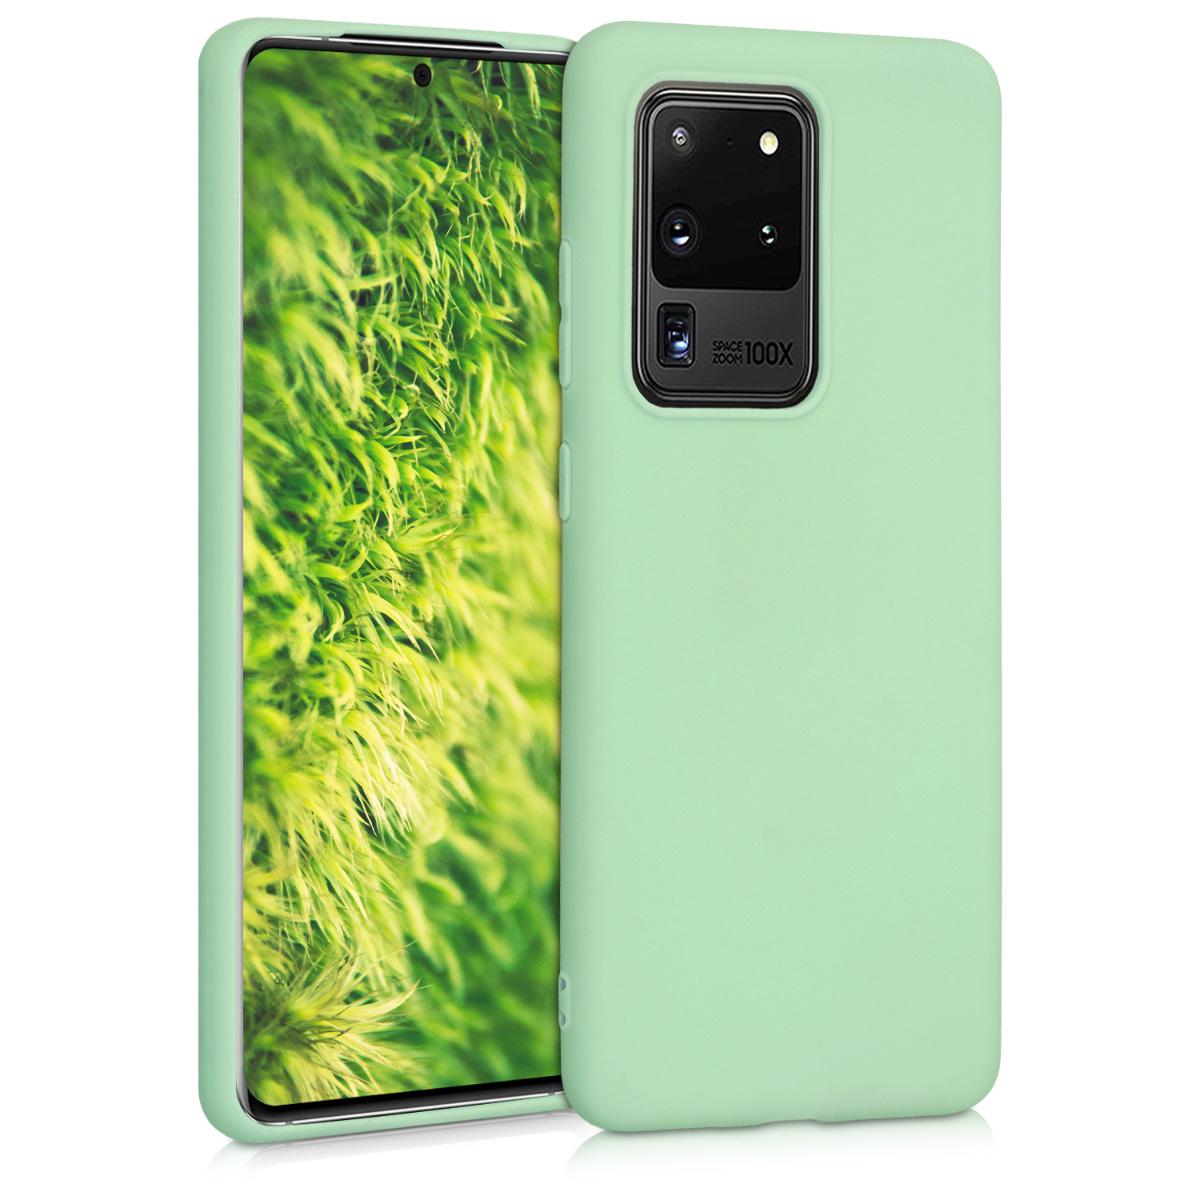 Mint zelené silikonové pouzdro / obal pro Samsung S20 Ultra